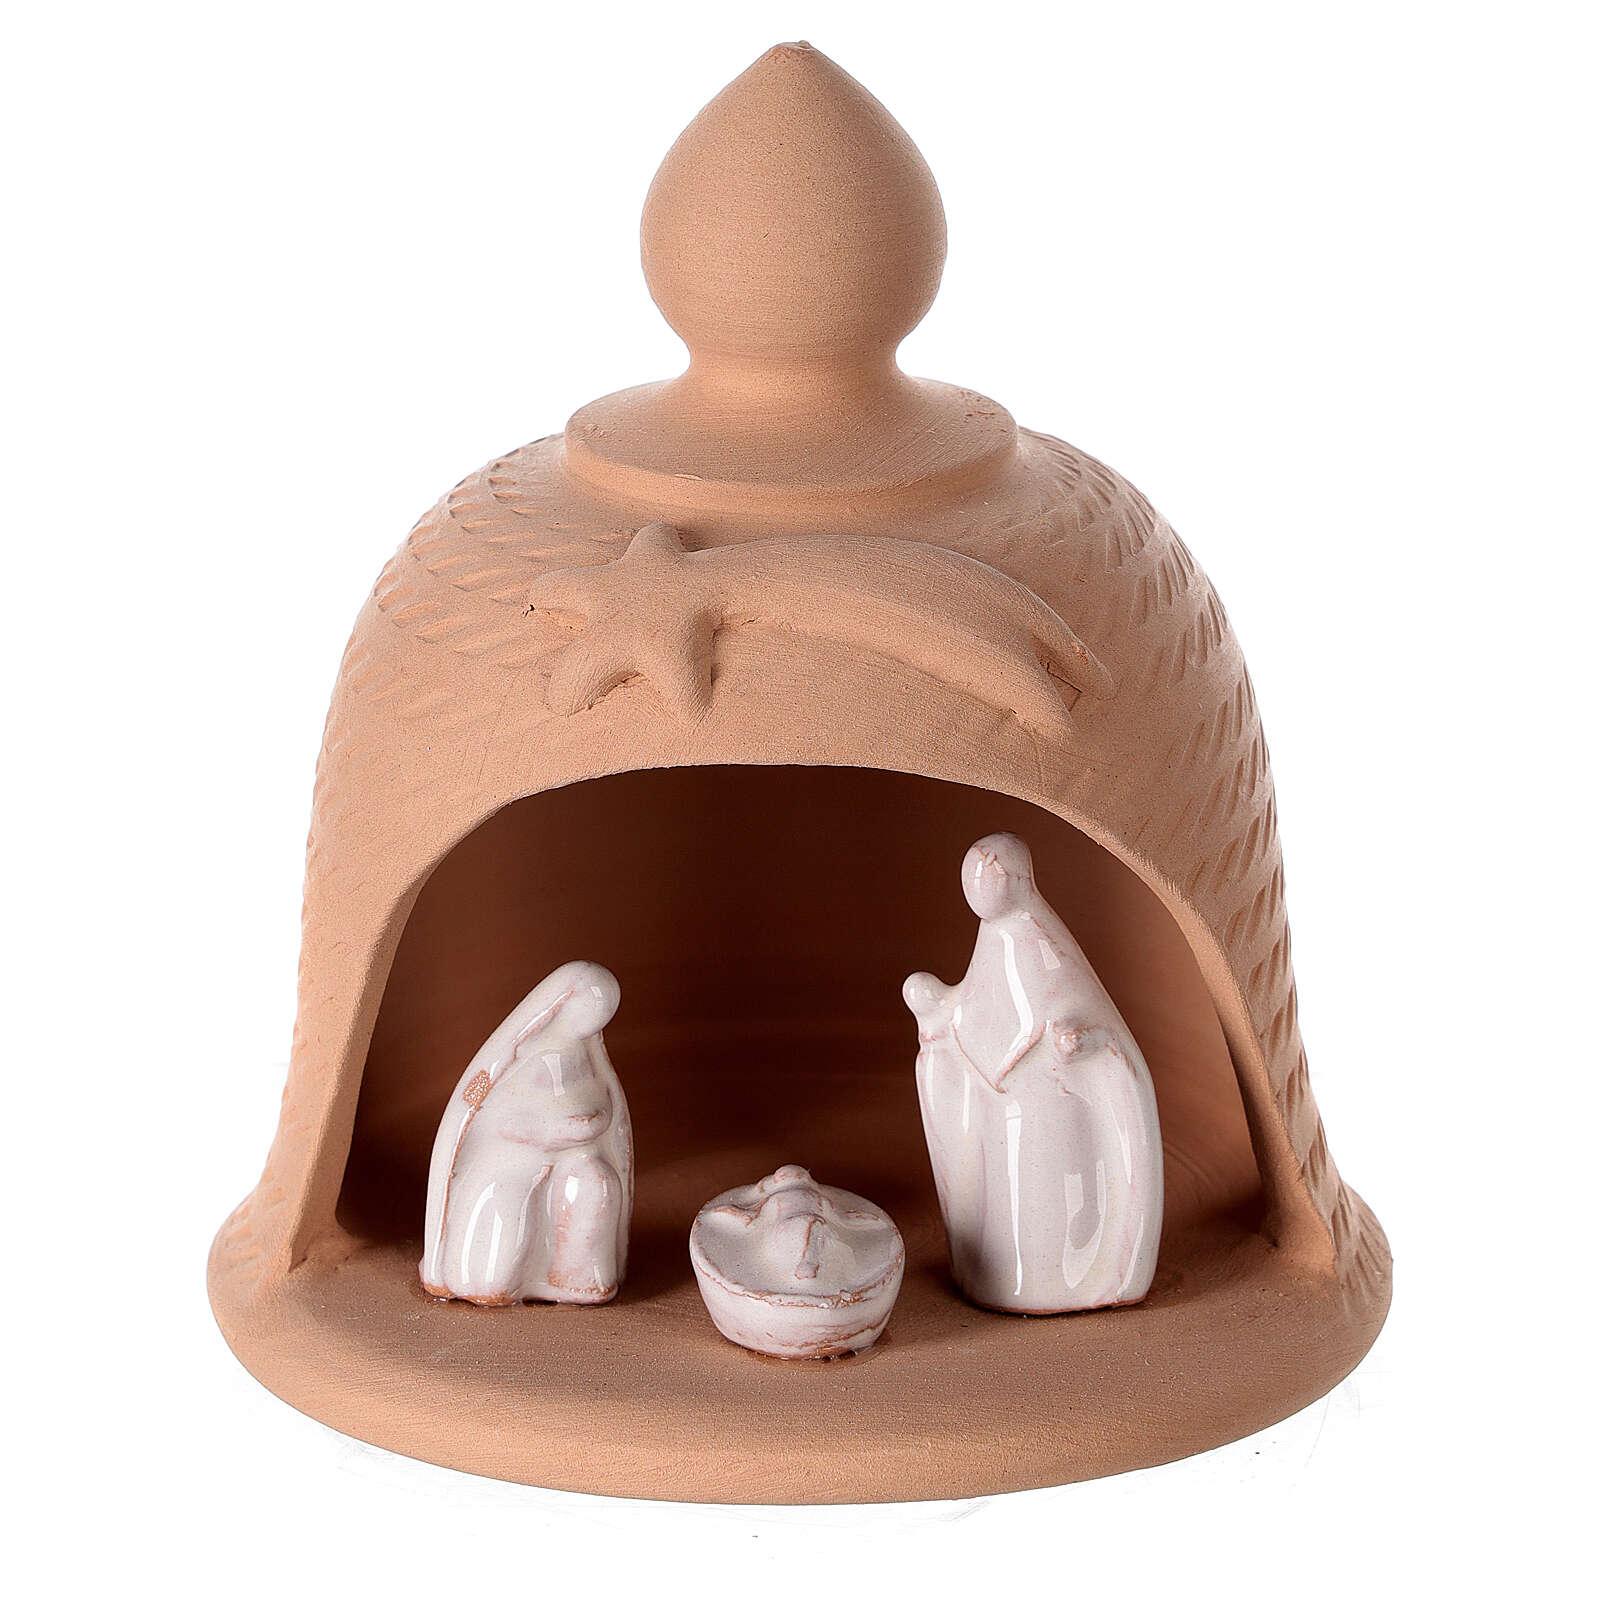 Crèche cloche terre cuite naturelle Nativité blanche Deruta 12 cm 4